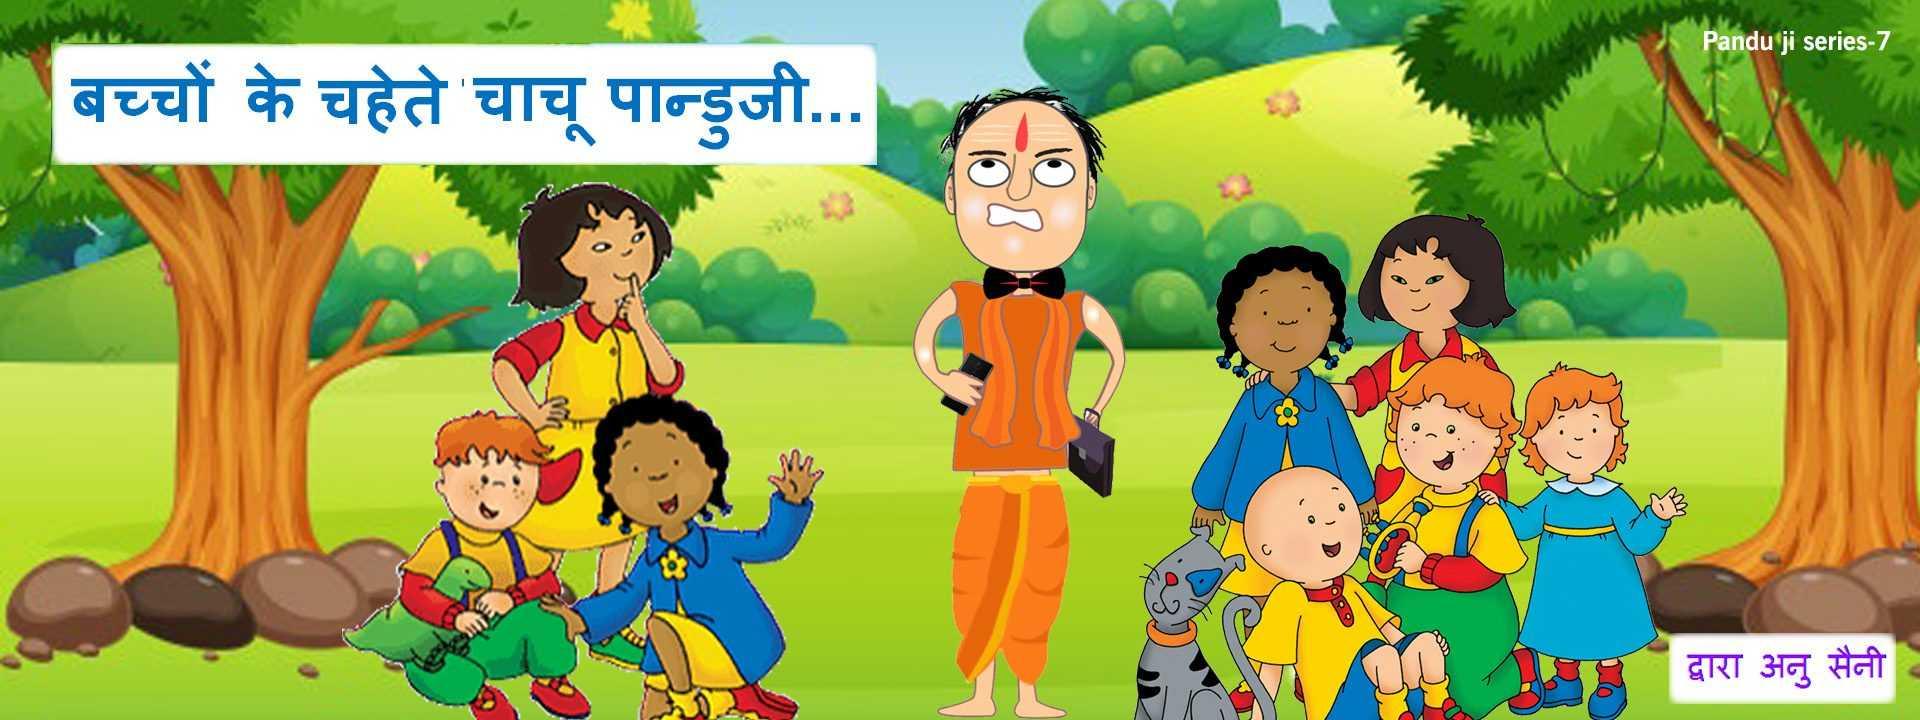 बच्चों के चहेते चाचू पान्डुजी